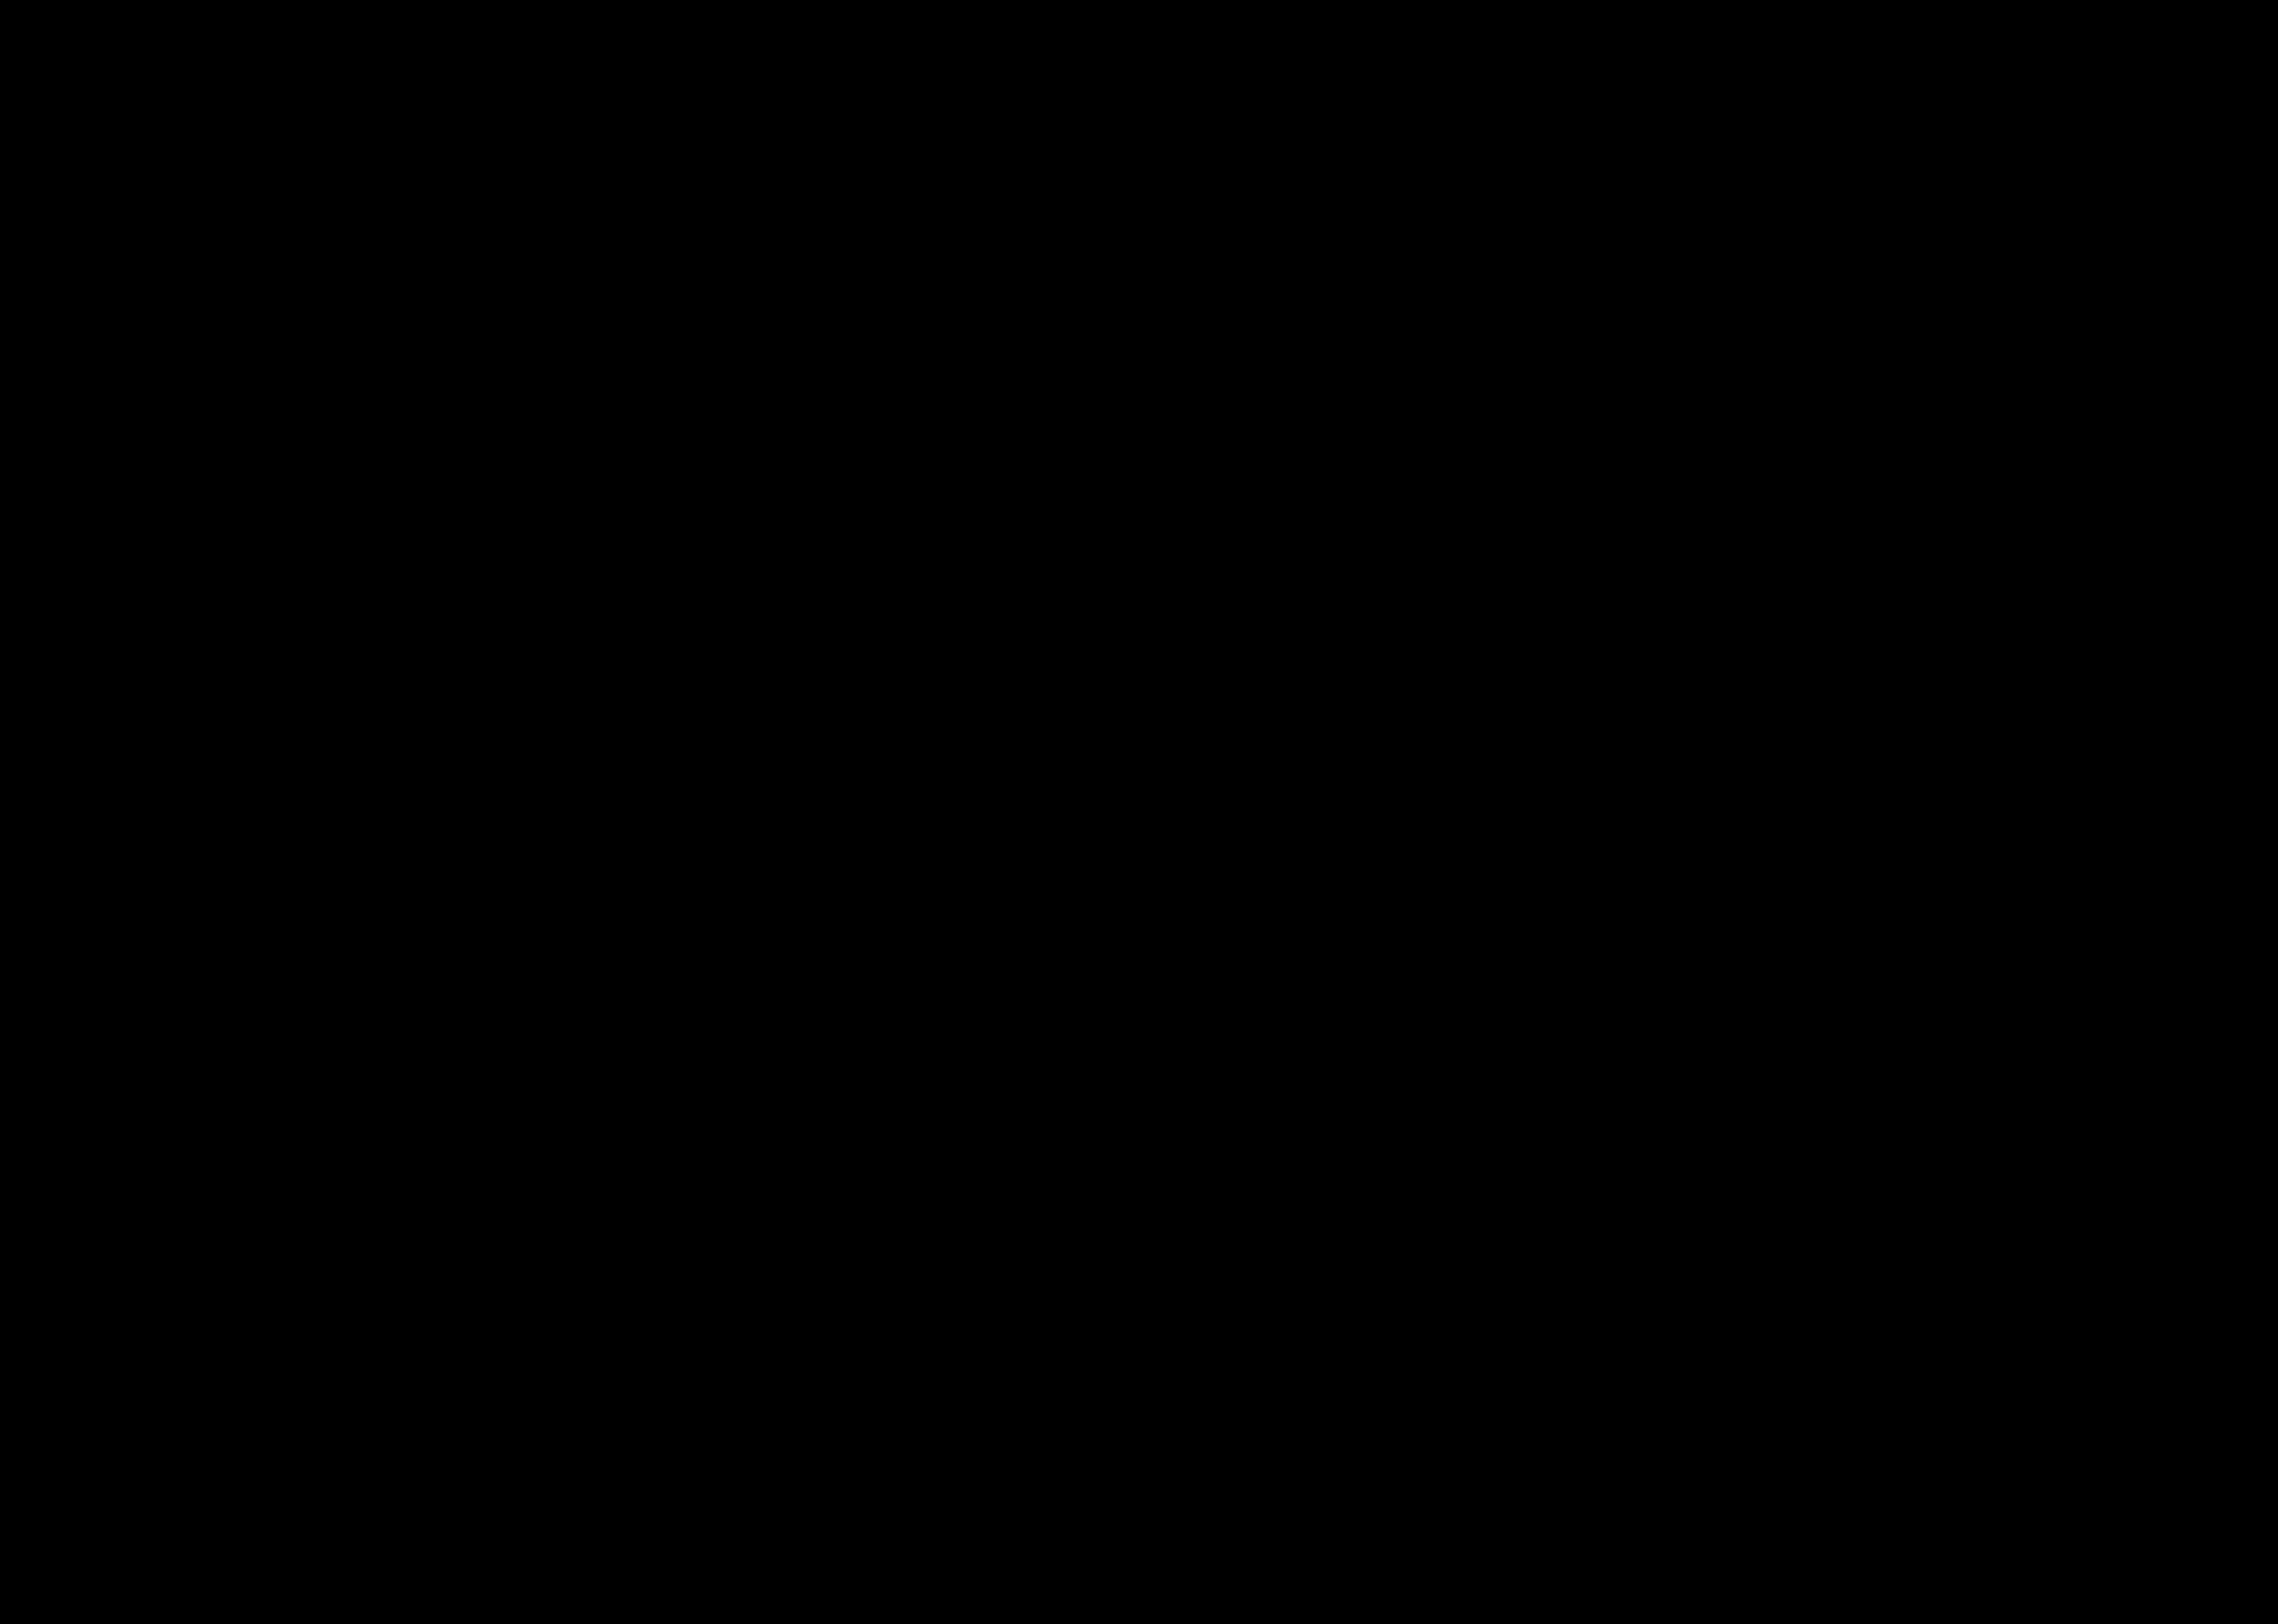 Dutch Recruitment Tech Funnel 2019